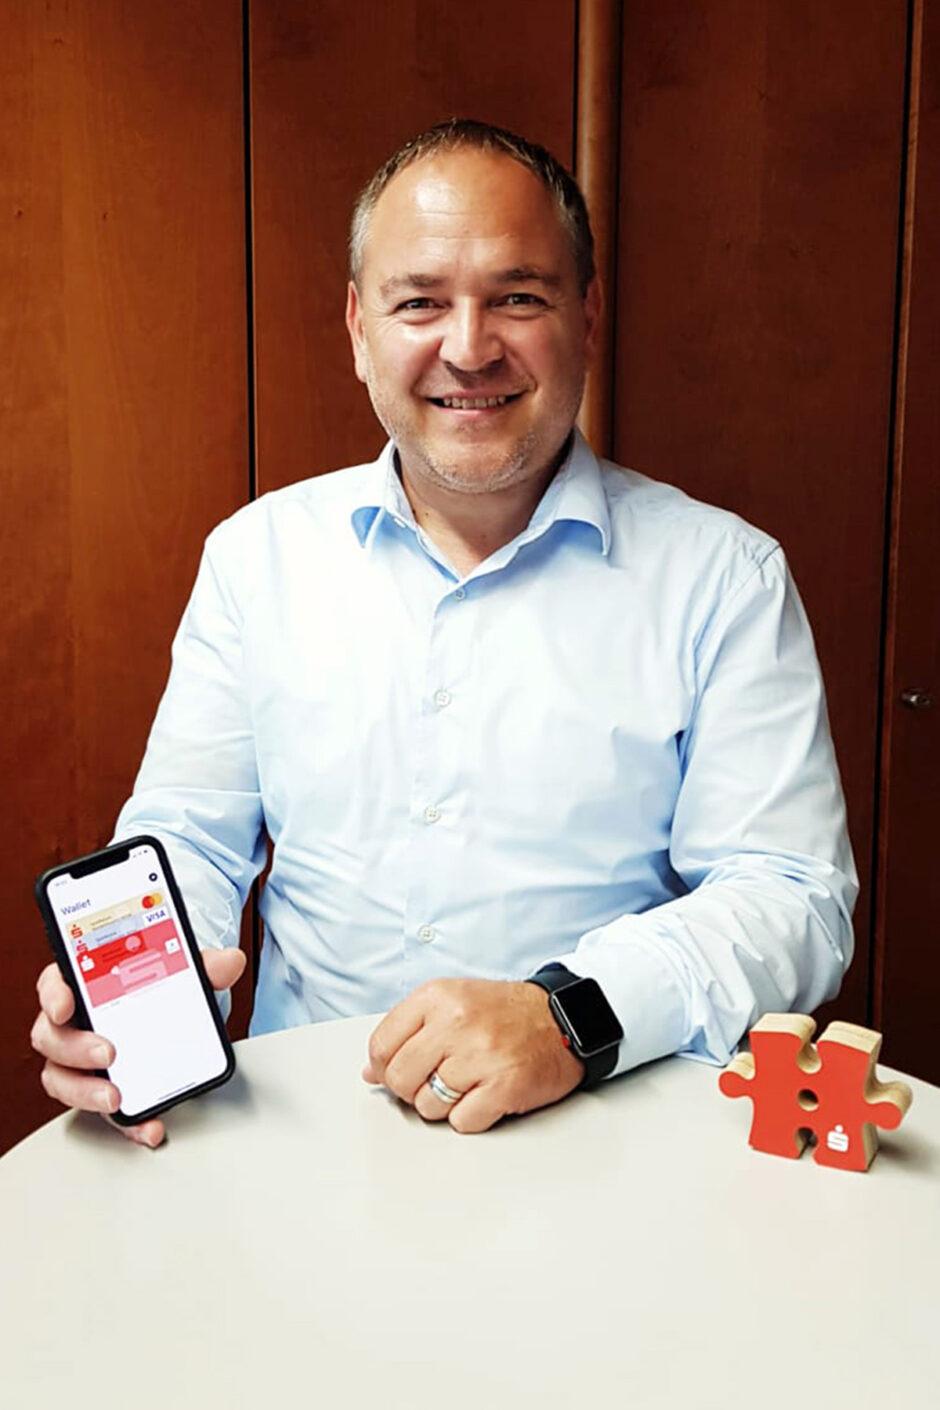 Deutschlands meistgenutzte Banking-App kommt von der Sparkasse!